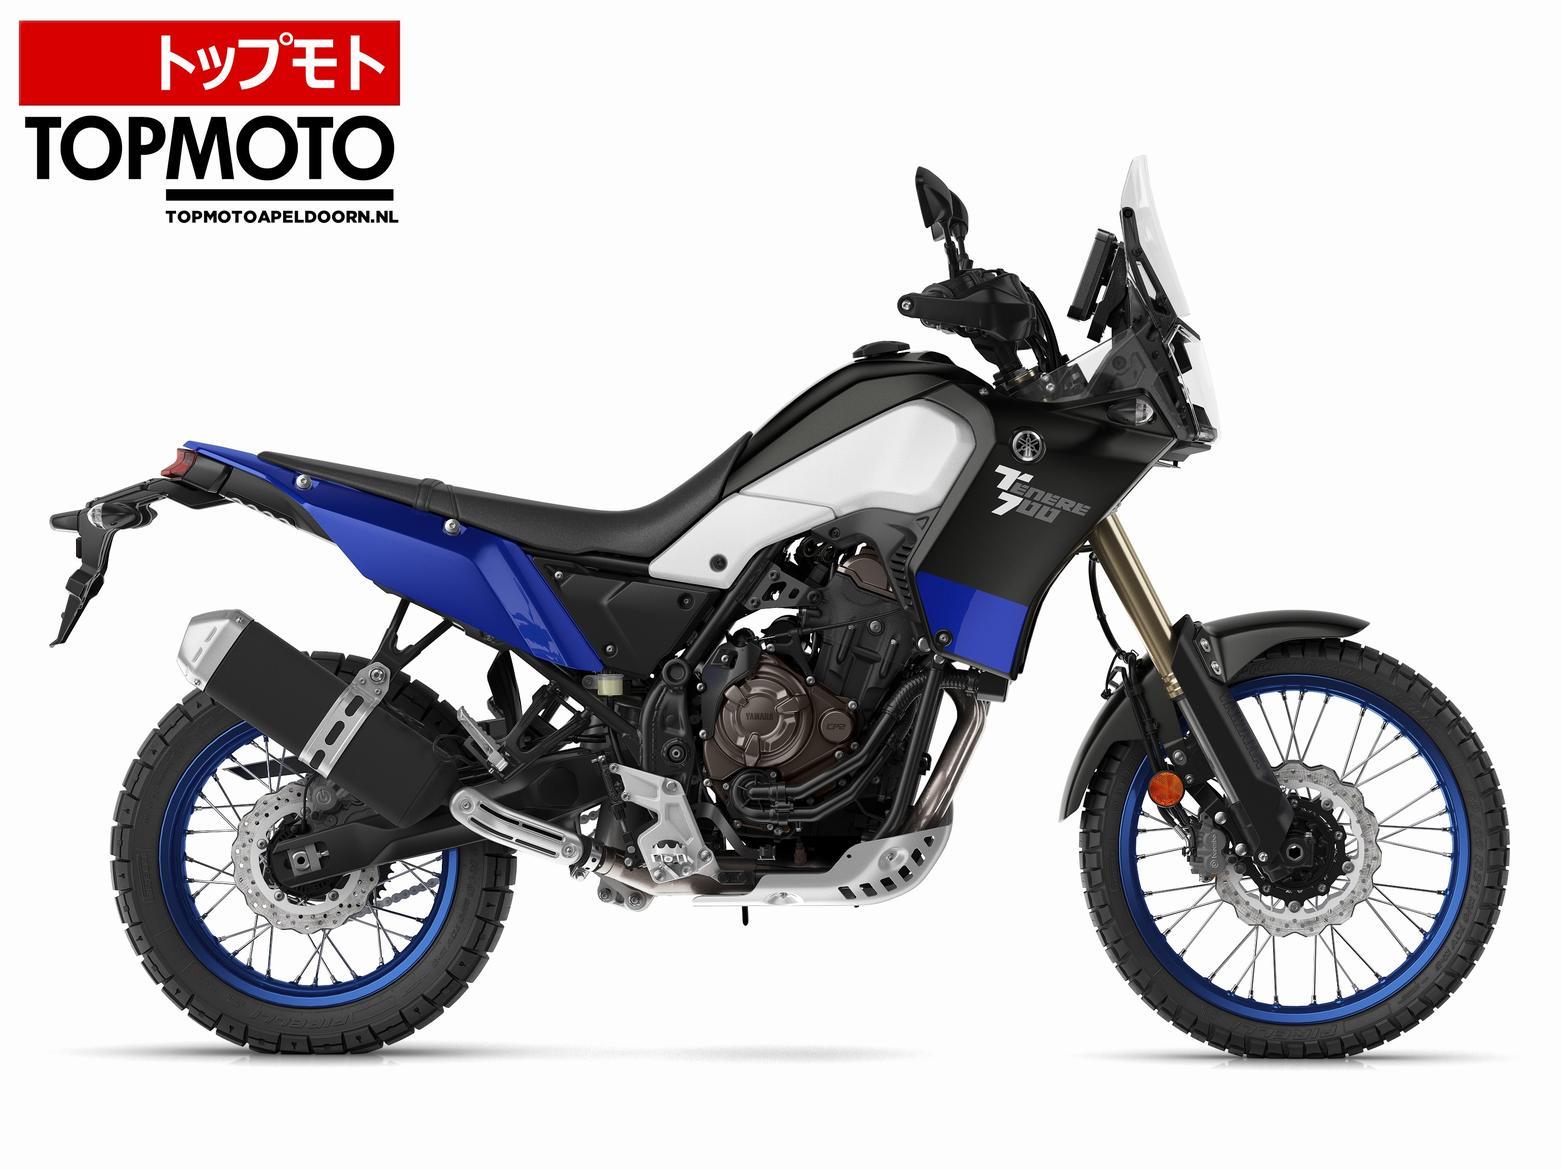 YAMAHA - Tenere 700 ABS